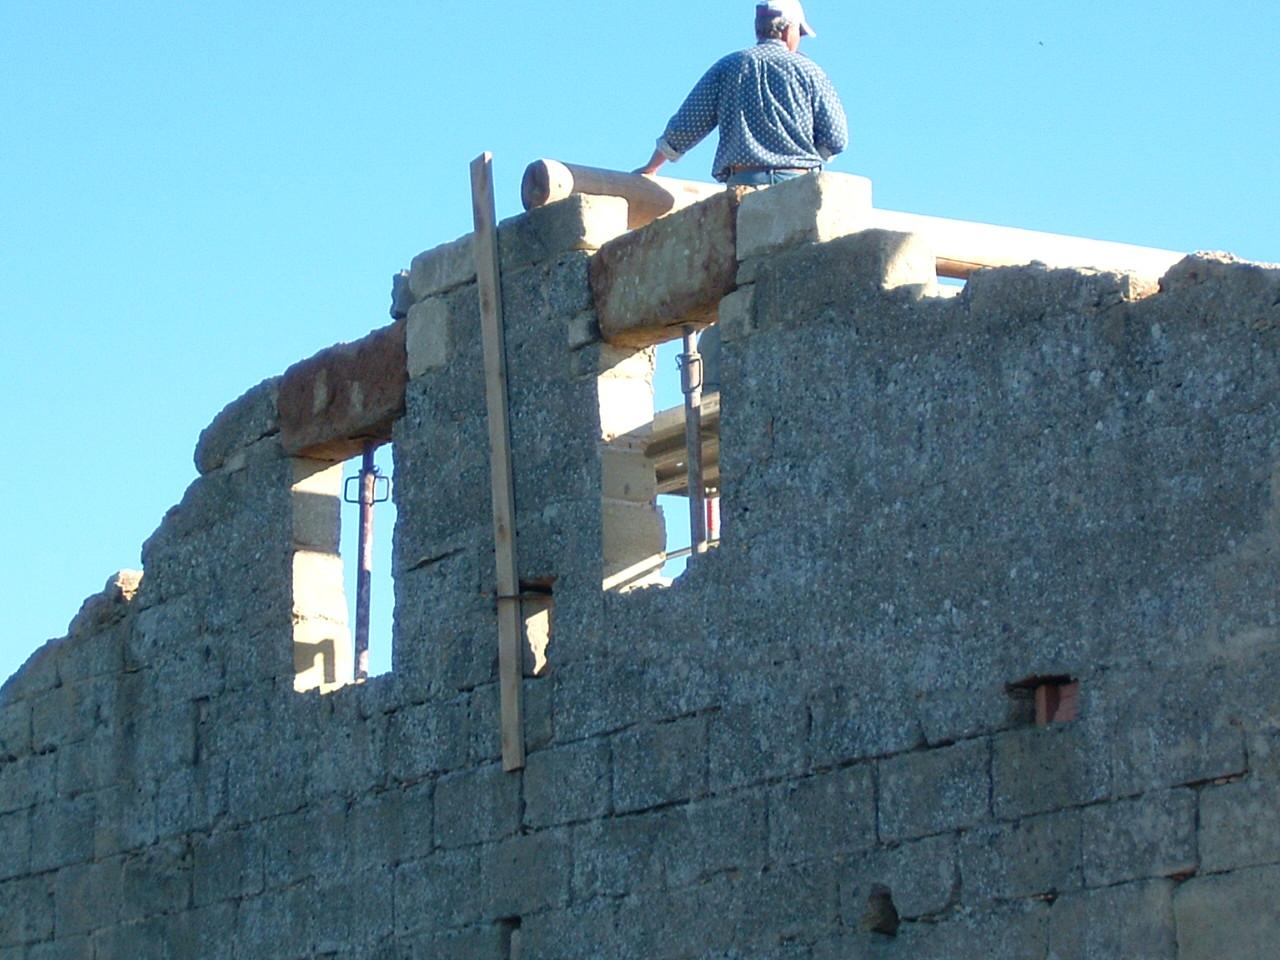 Maconnerie renovation uzes maison toiture gard 30 entreprise bouzigue dans le gard 30 for Construction maison uzes